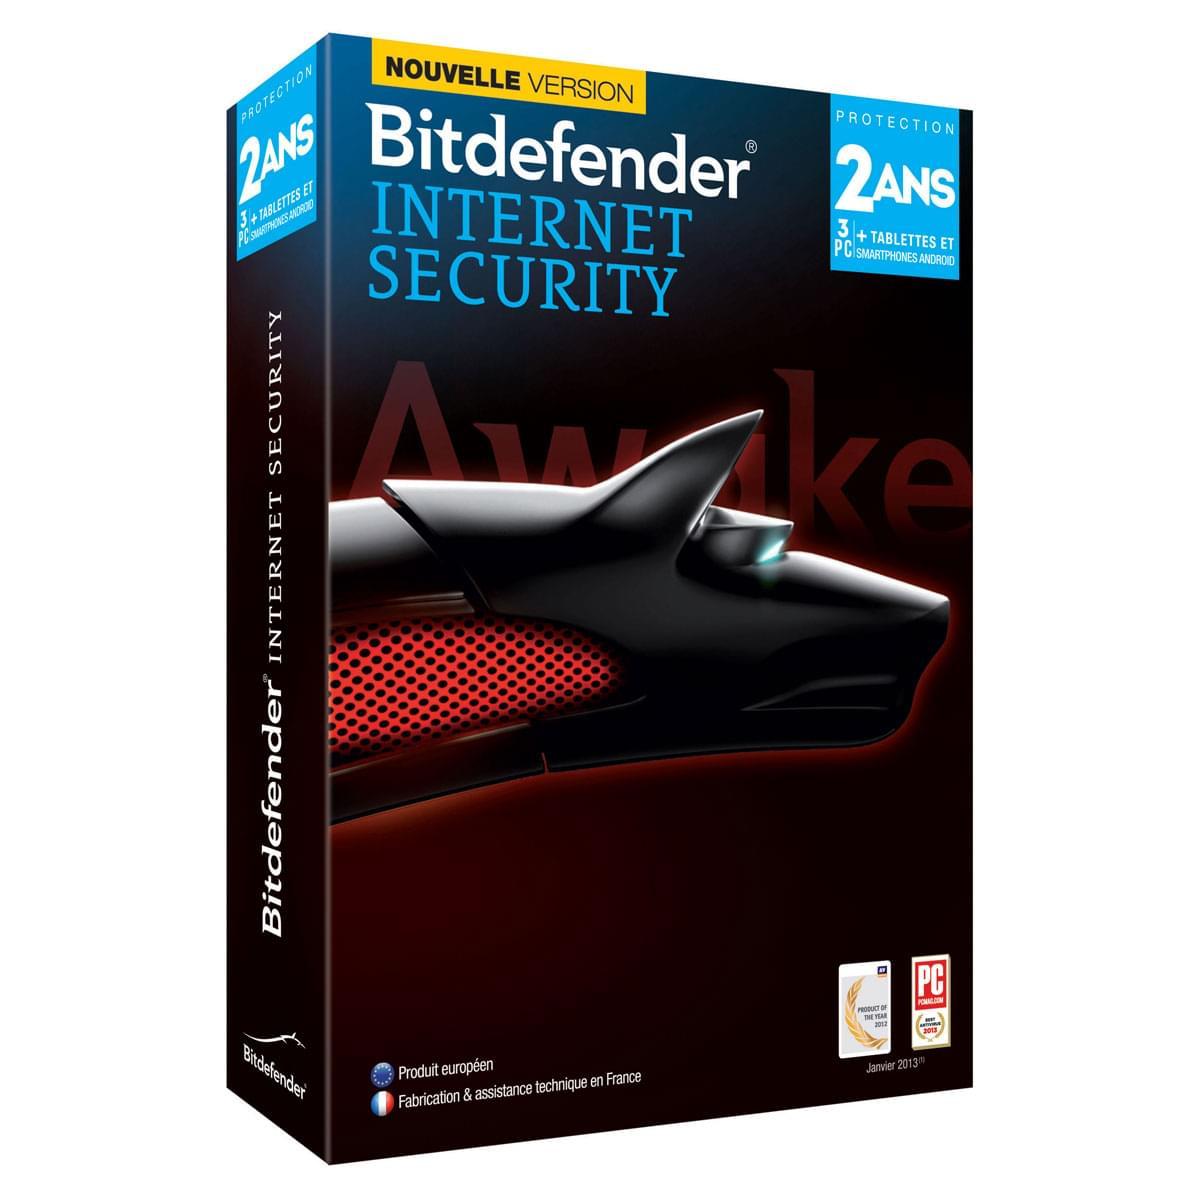 Bitdefender Internet Security 2014 (B-FBDIS-4X2P003) - Achat / Vente Logiciel sécurité sur Cybertek.fr - 0